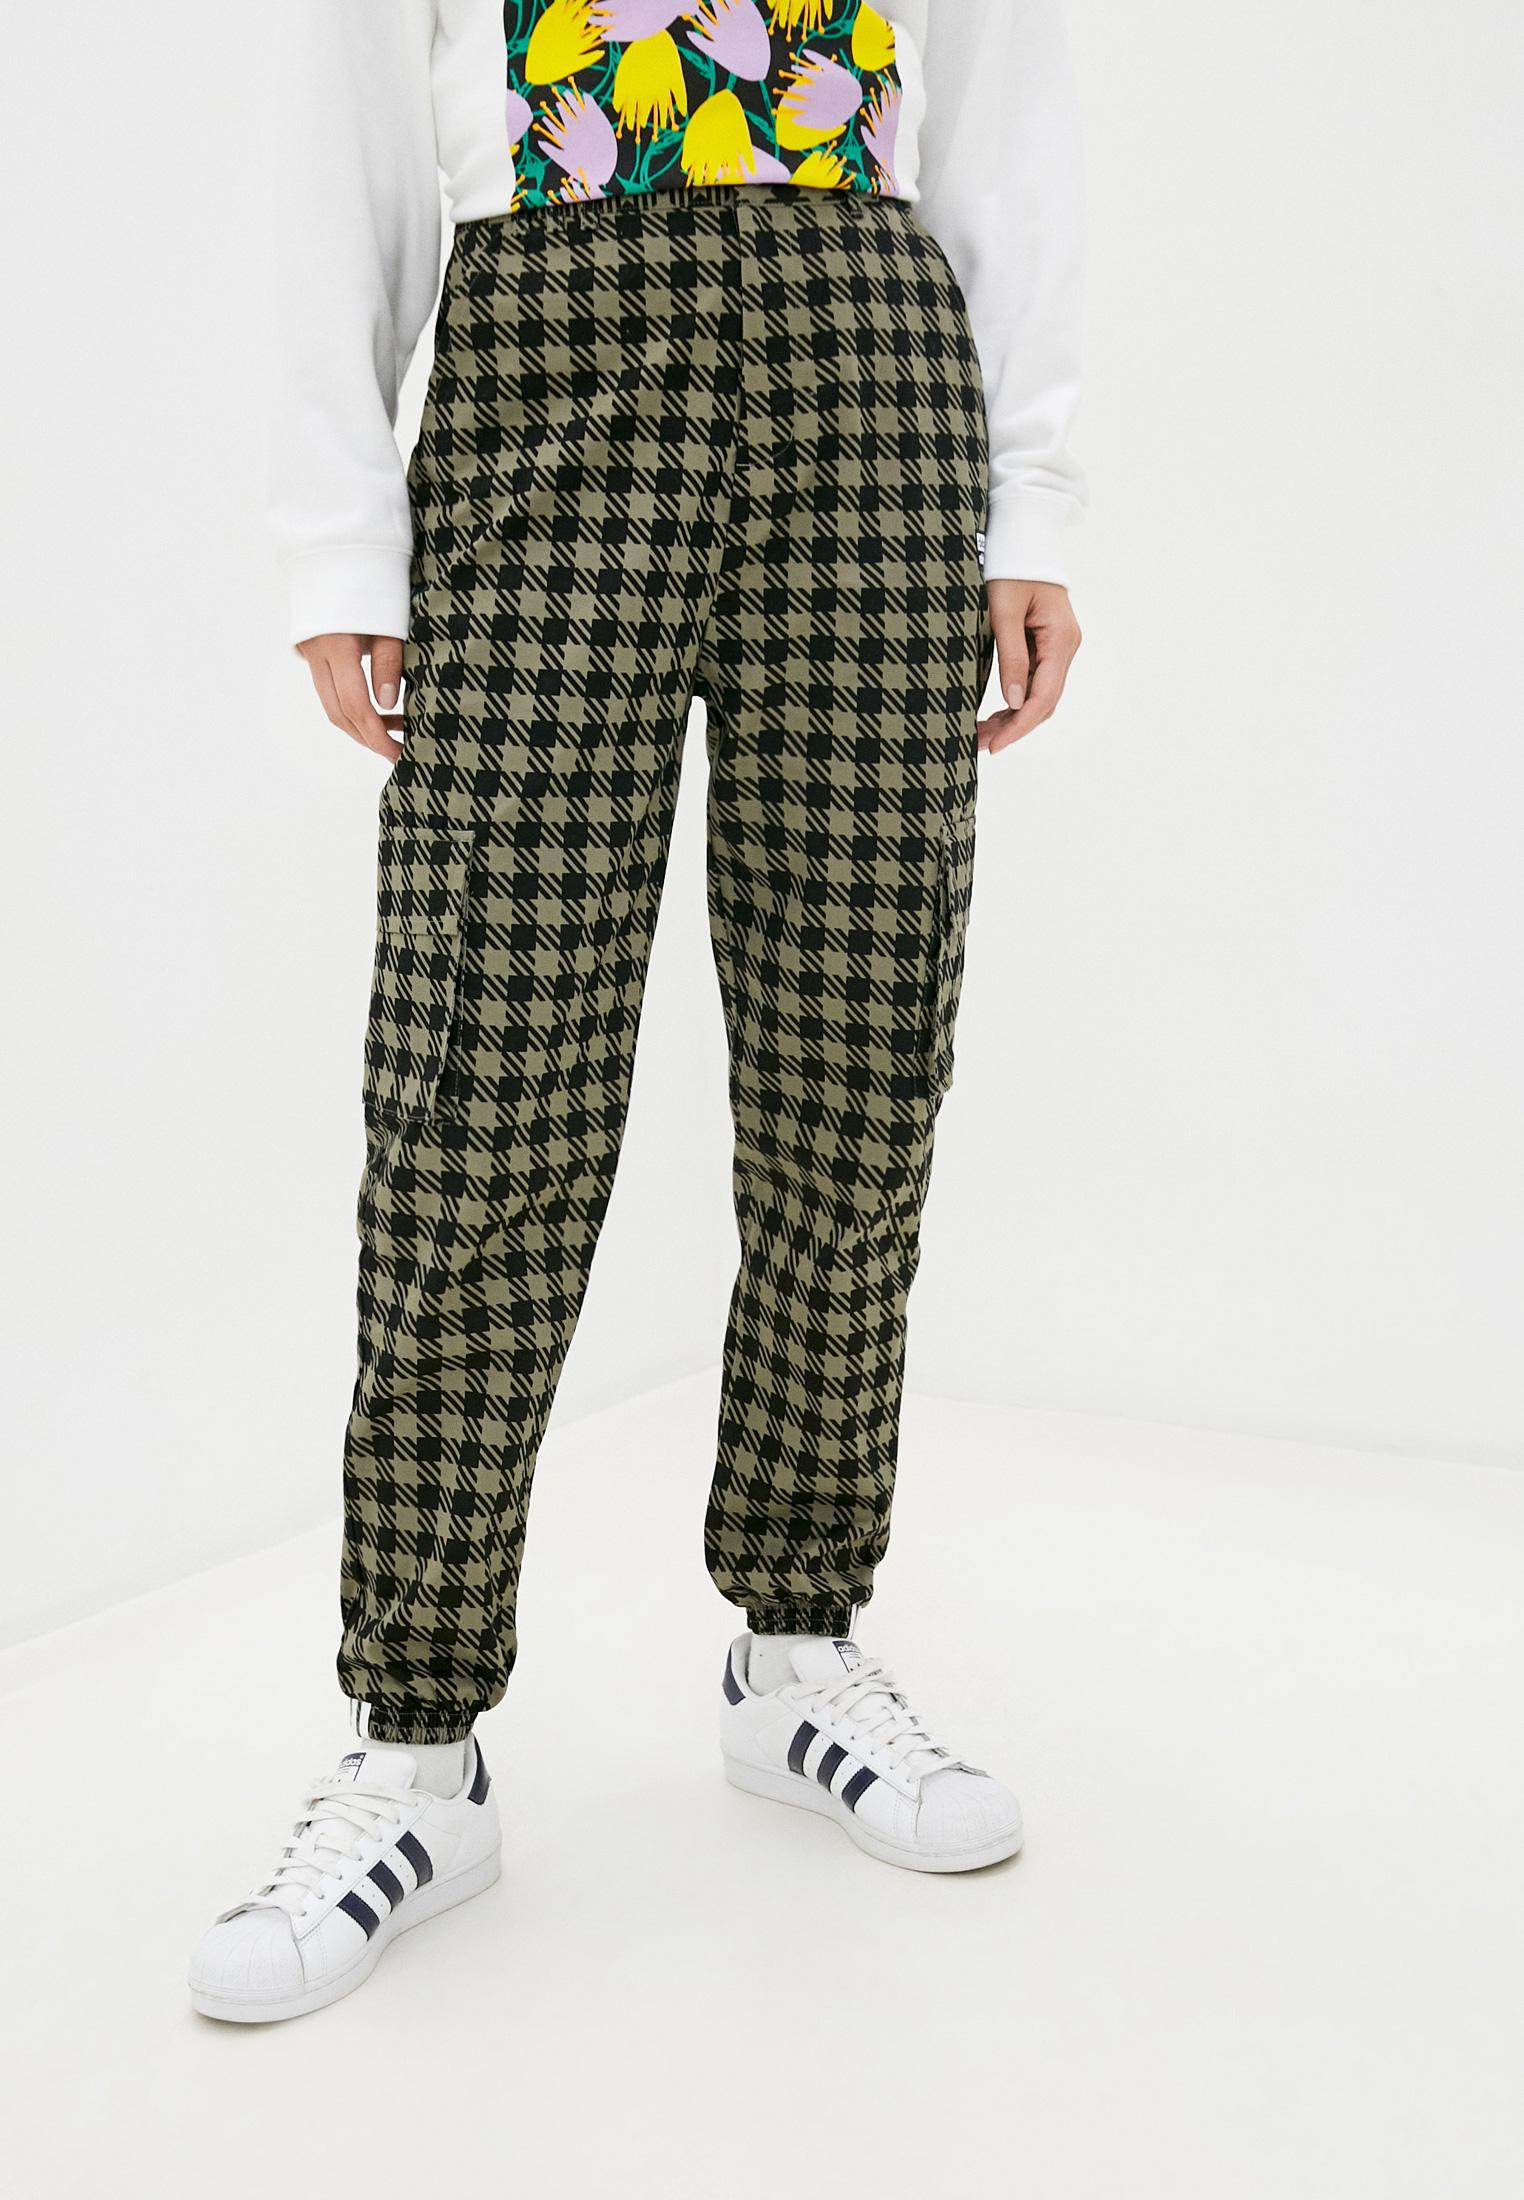 Брюки adidas Originals CARGO PANT за 6 999 ₽. в интернет-магазине Lamoda.ru